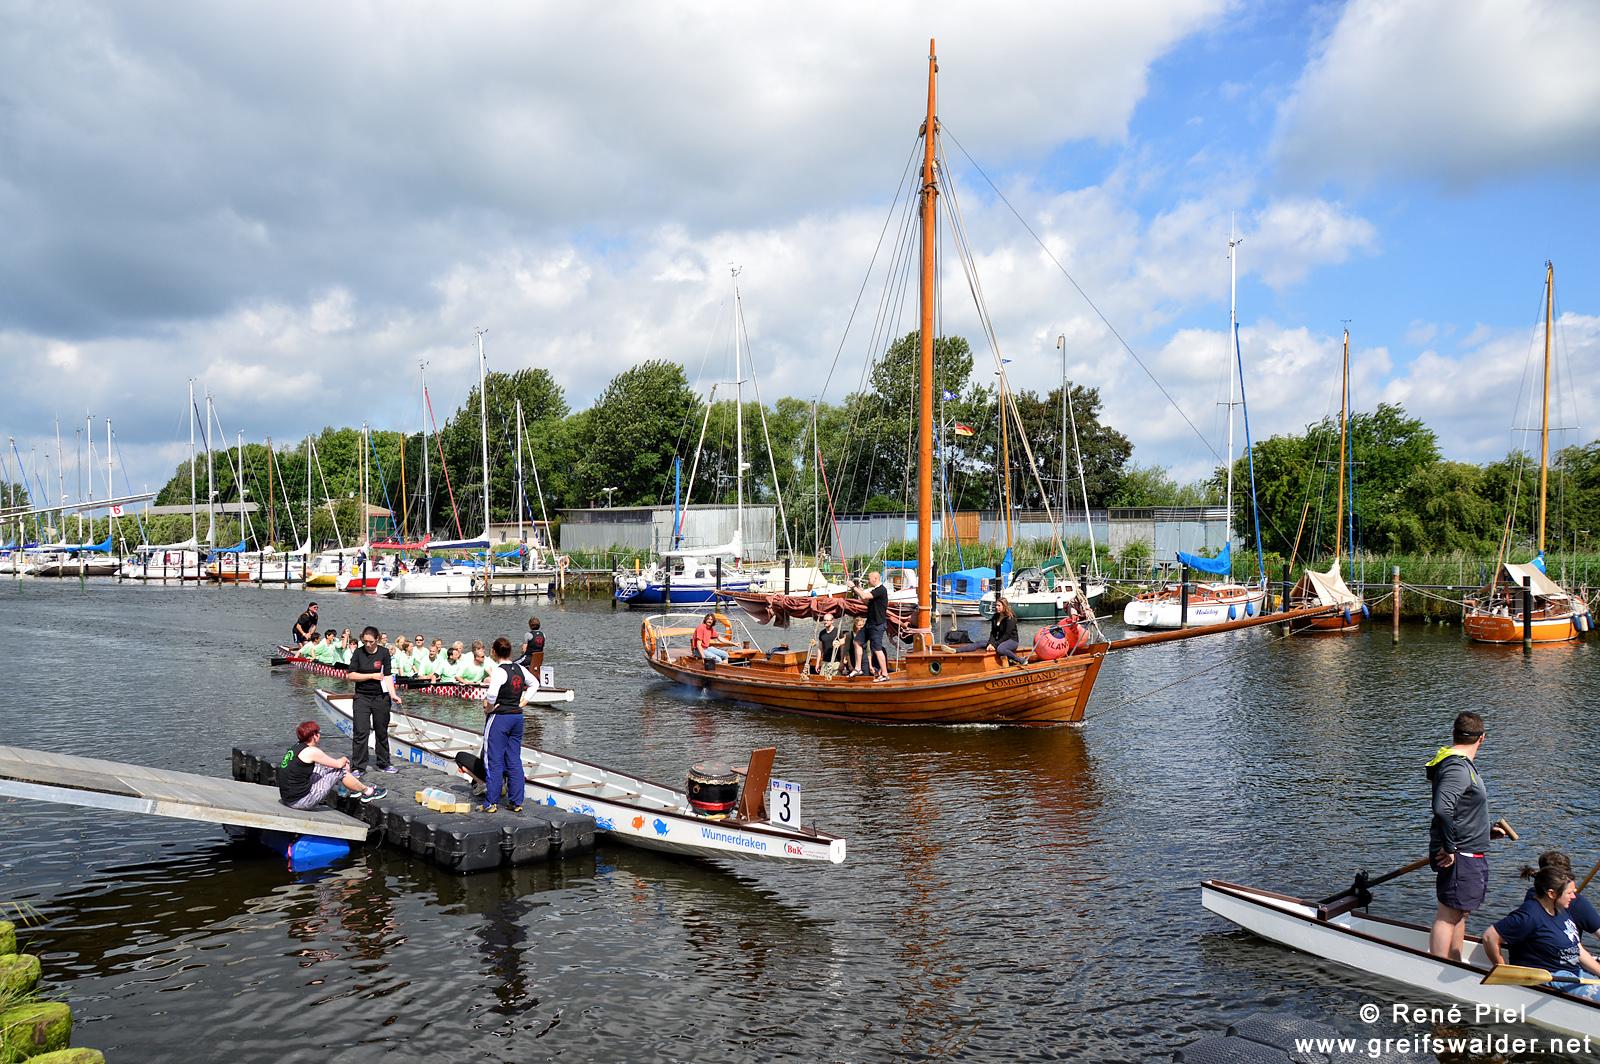 15. Greifswalder Drachenbootfest